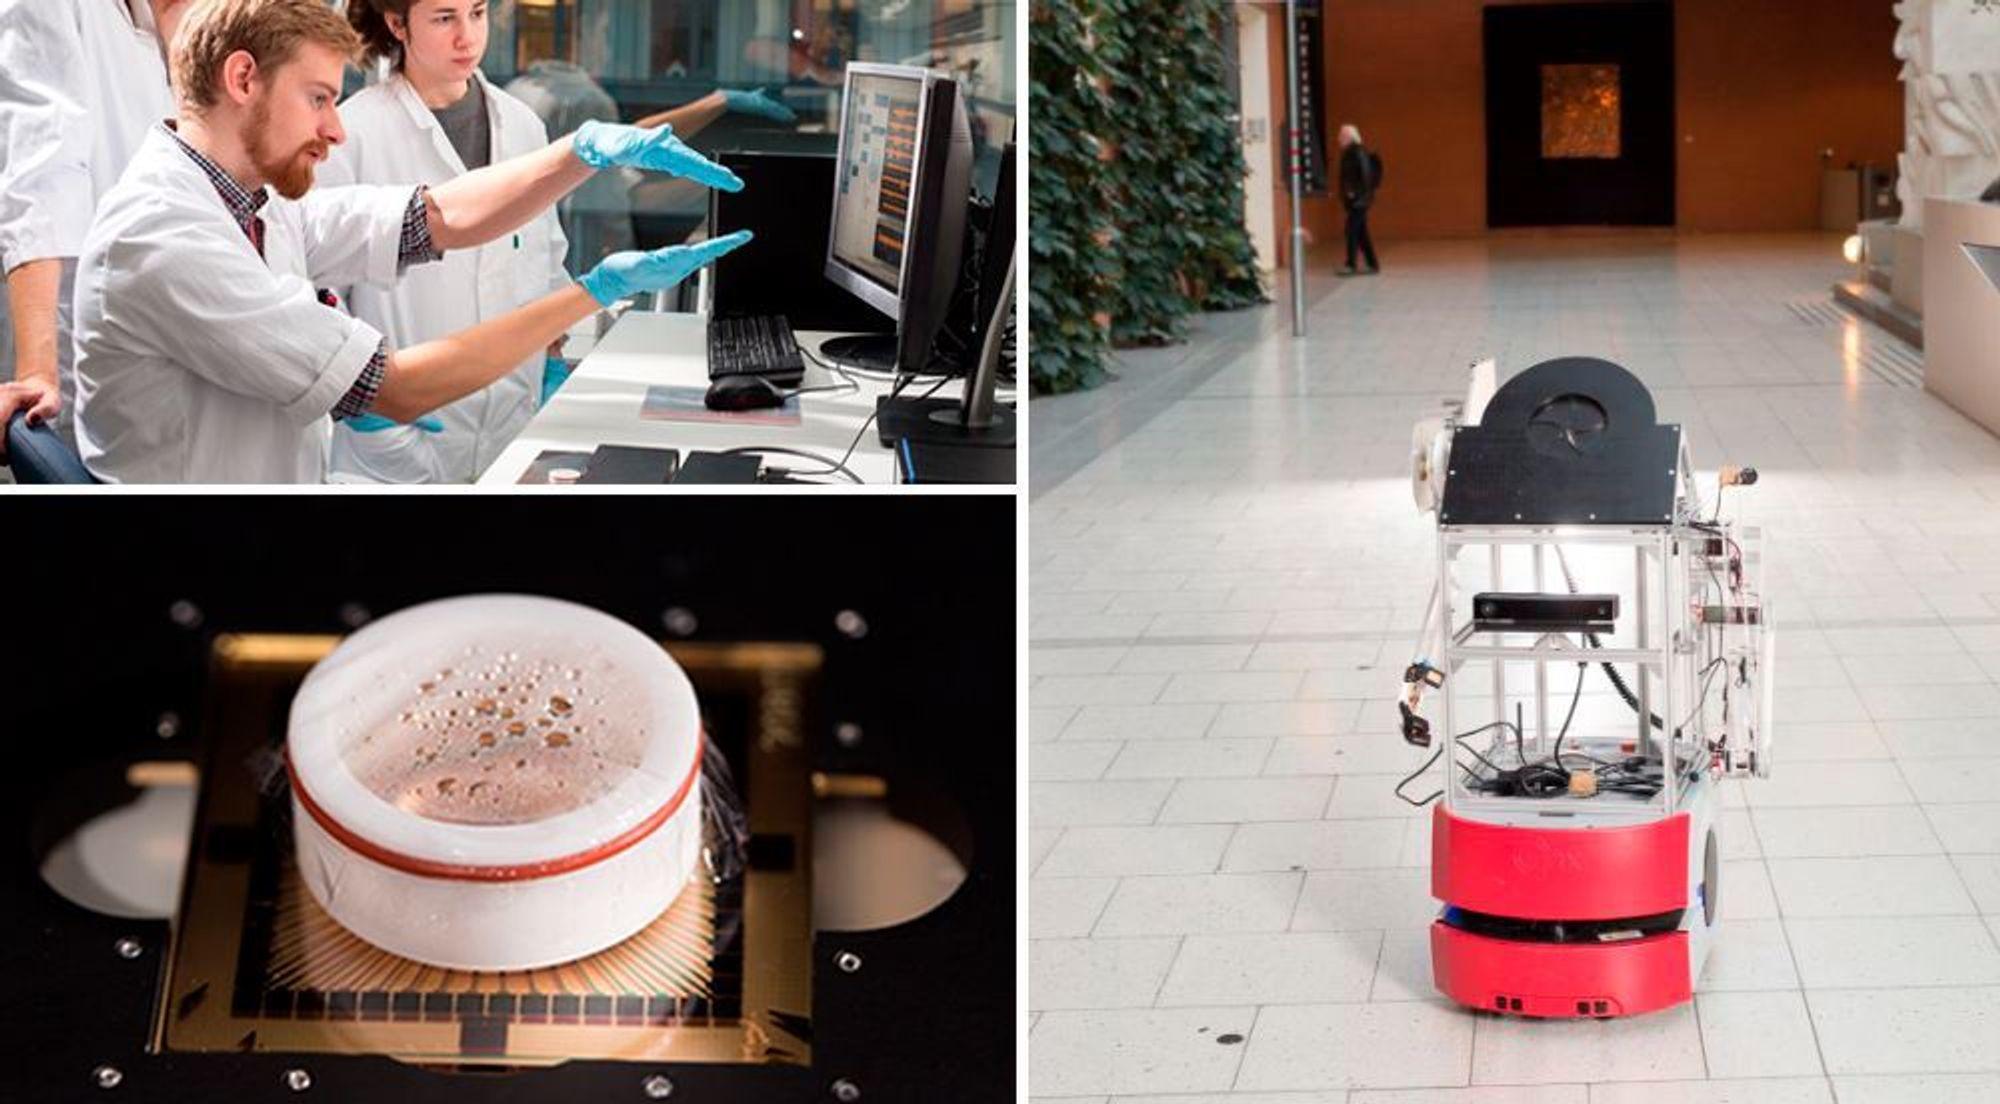 Roboten (høyre) skal bli til en cyborg, en blanding av robot og levende biologisk materiale. NTNU-forskere dyrker hjerneceller (nederst til venstre) og bruker en nerveteknikk for å lage en kobling mellom biologisk hjernevev og en datamaskin. Øverst til venstre: Stipendiatene Ola Huse Ramstad og Rosanne van de Wijdeven.